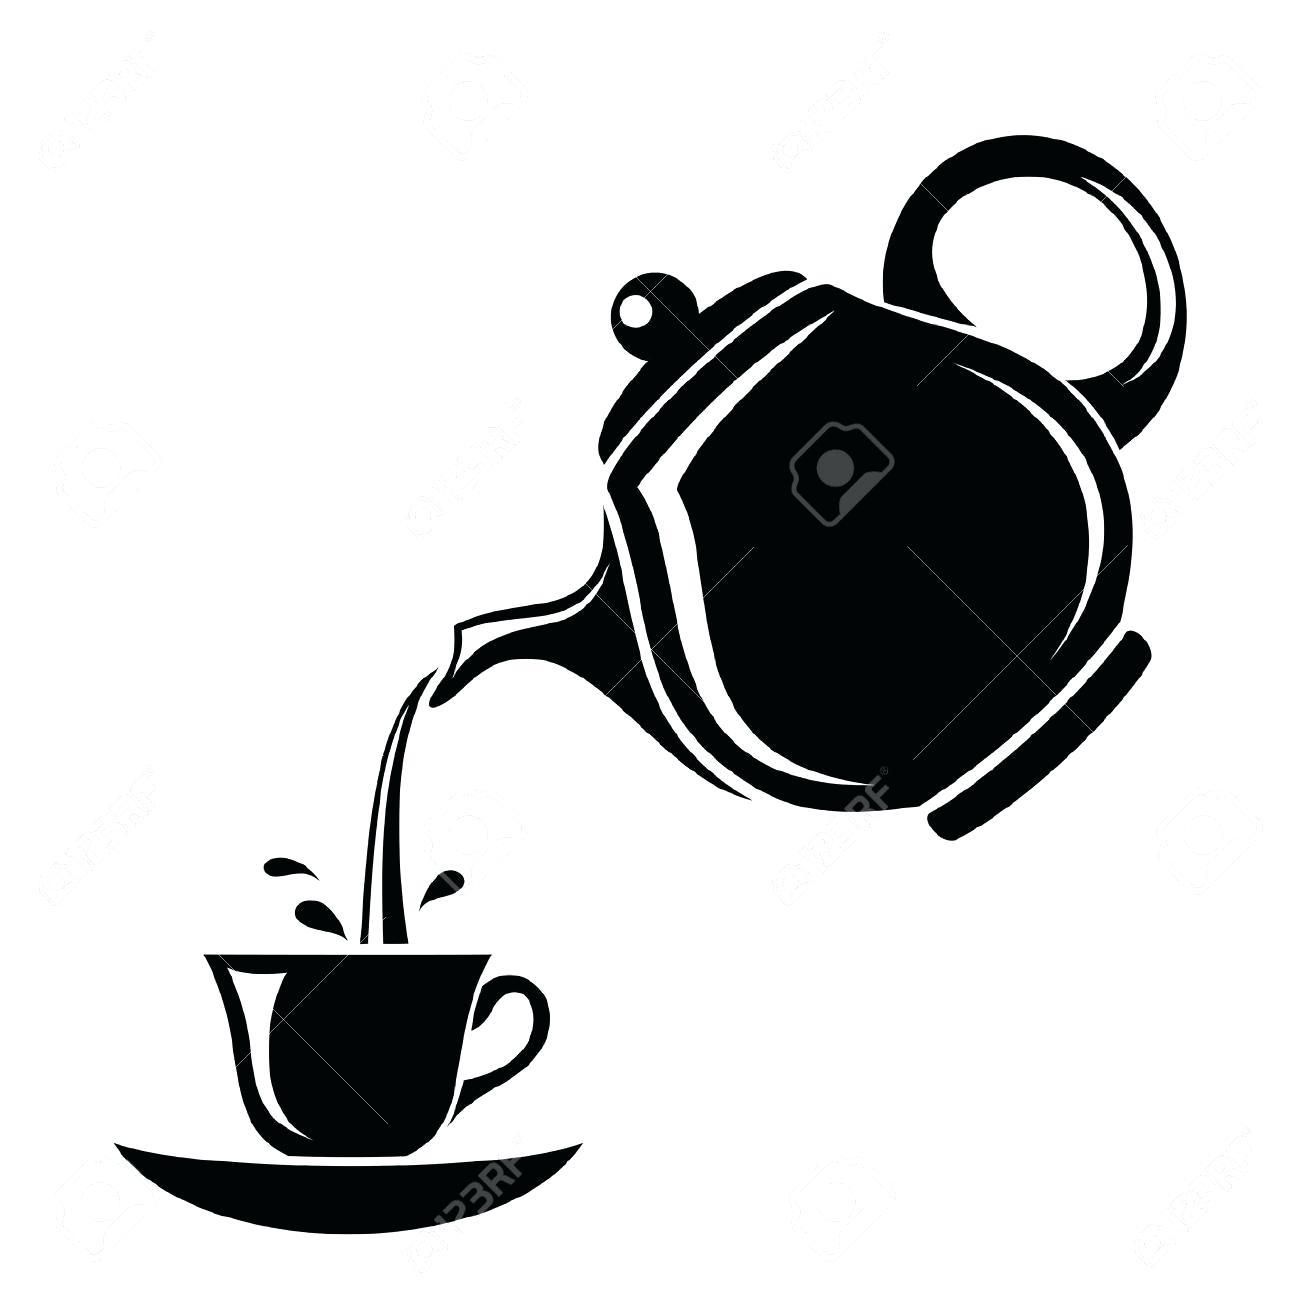 Steam clipart teapot Teapot Kettle Ornate Black Full